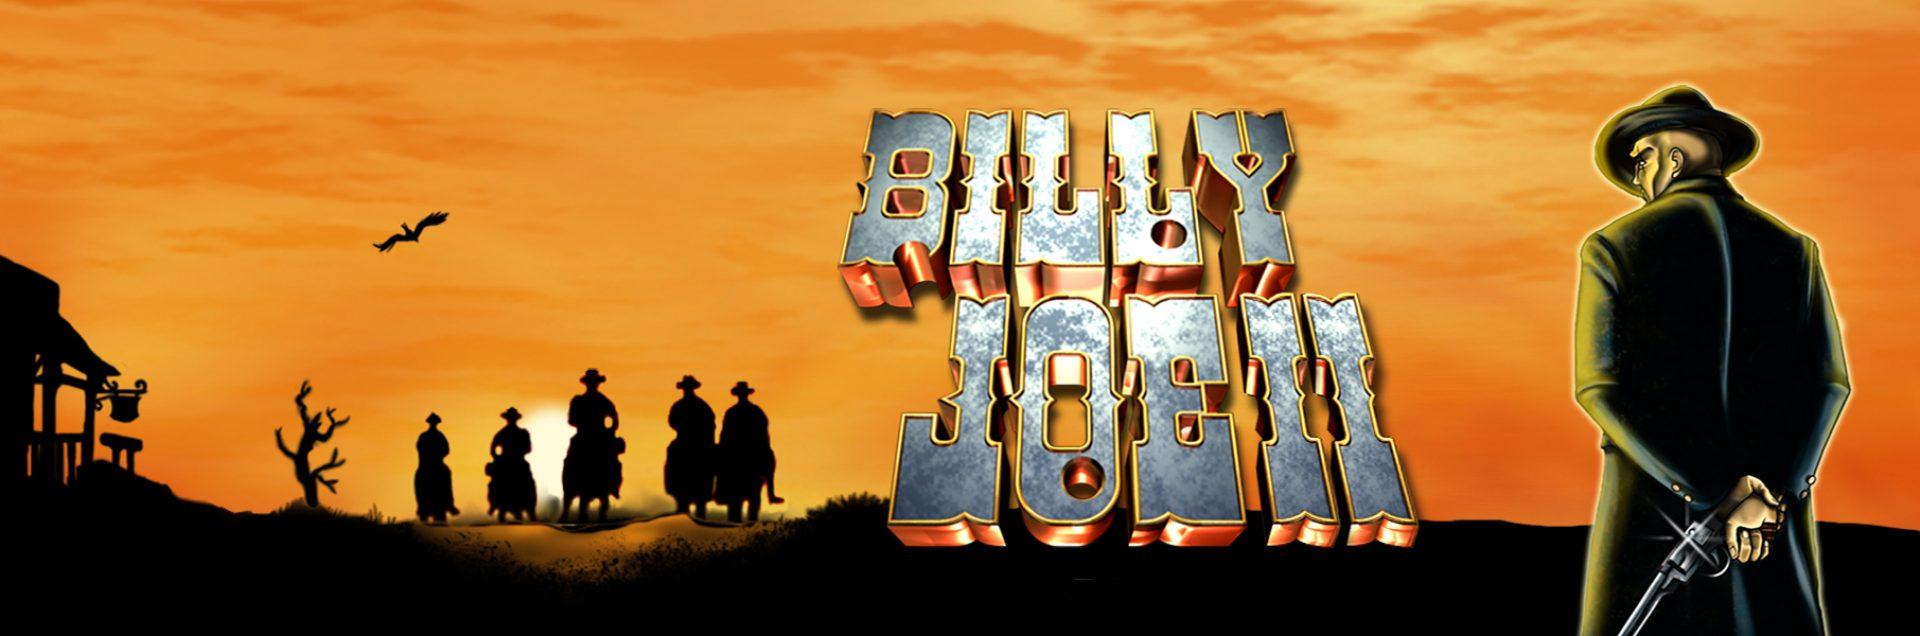 BillyJoeII_00